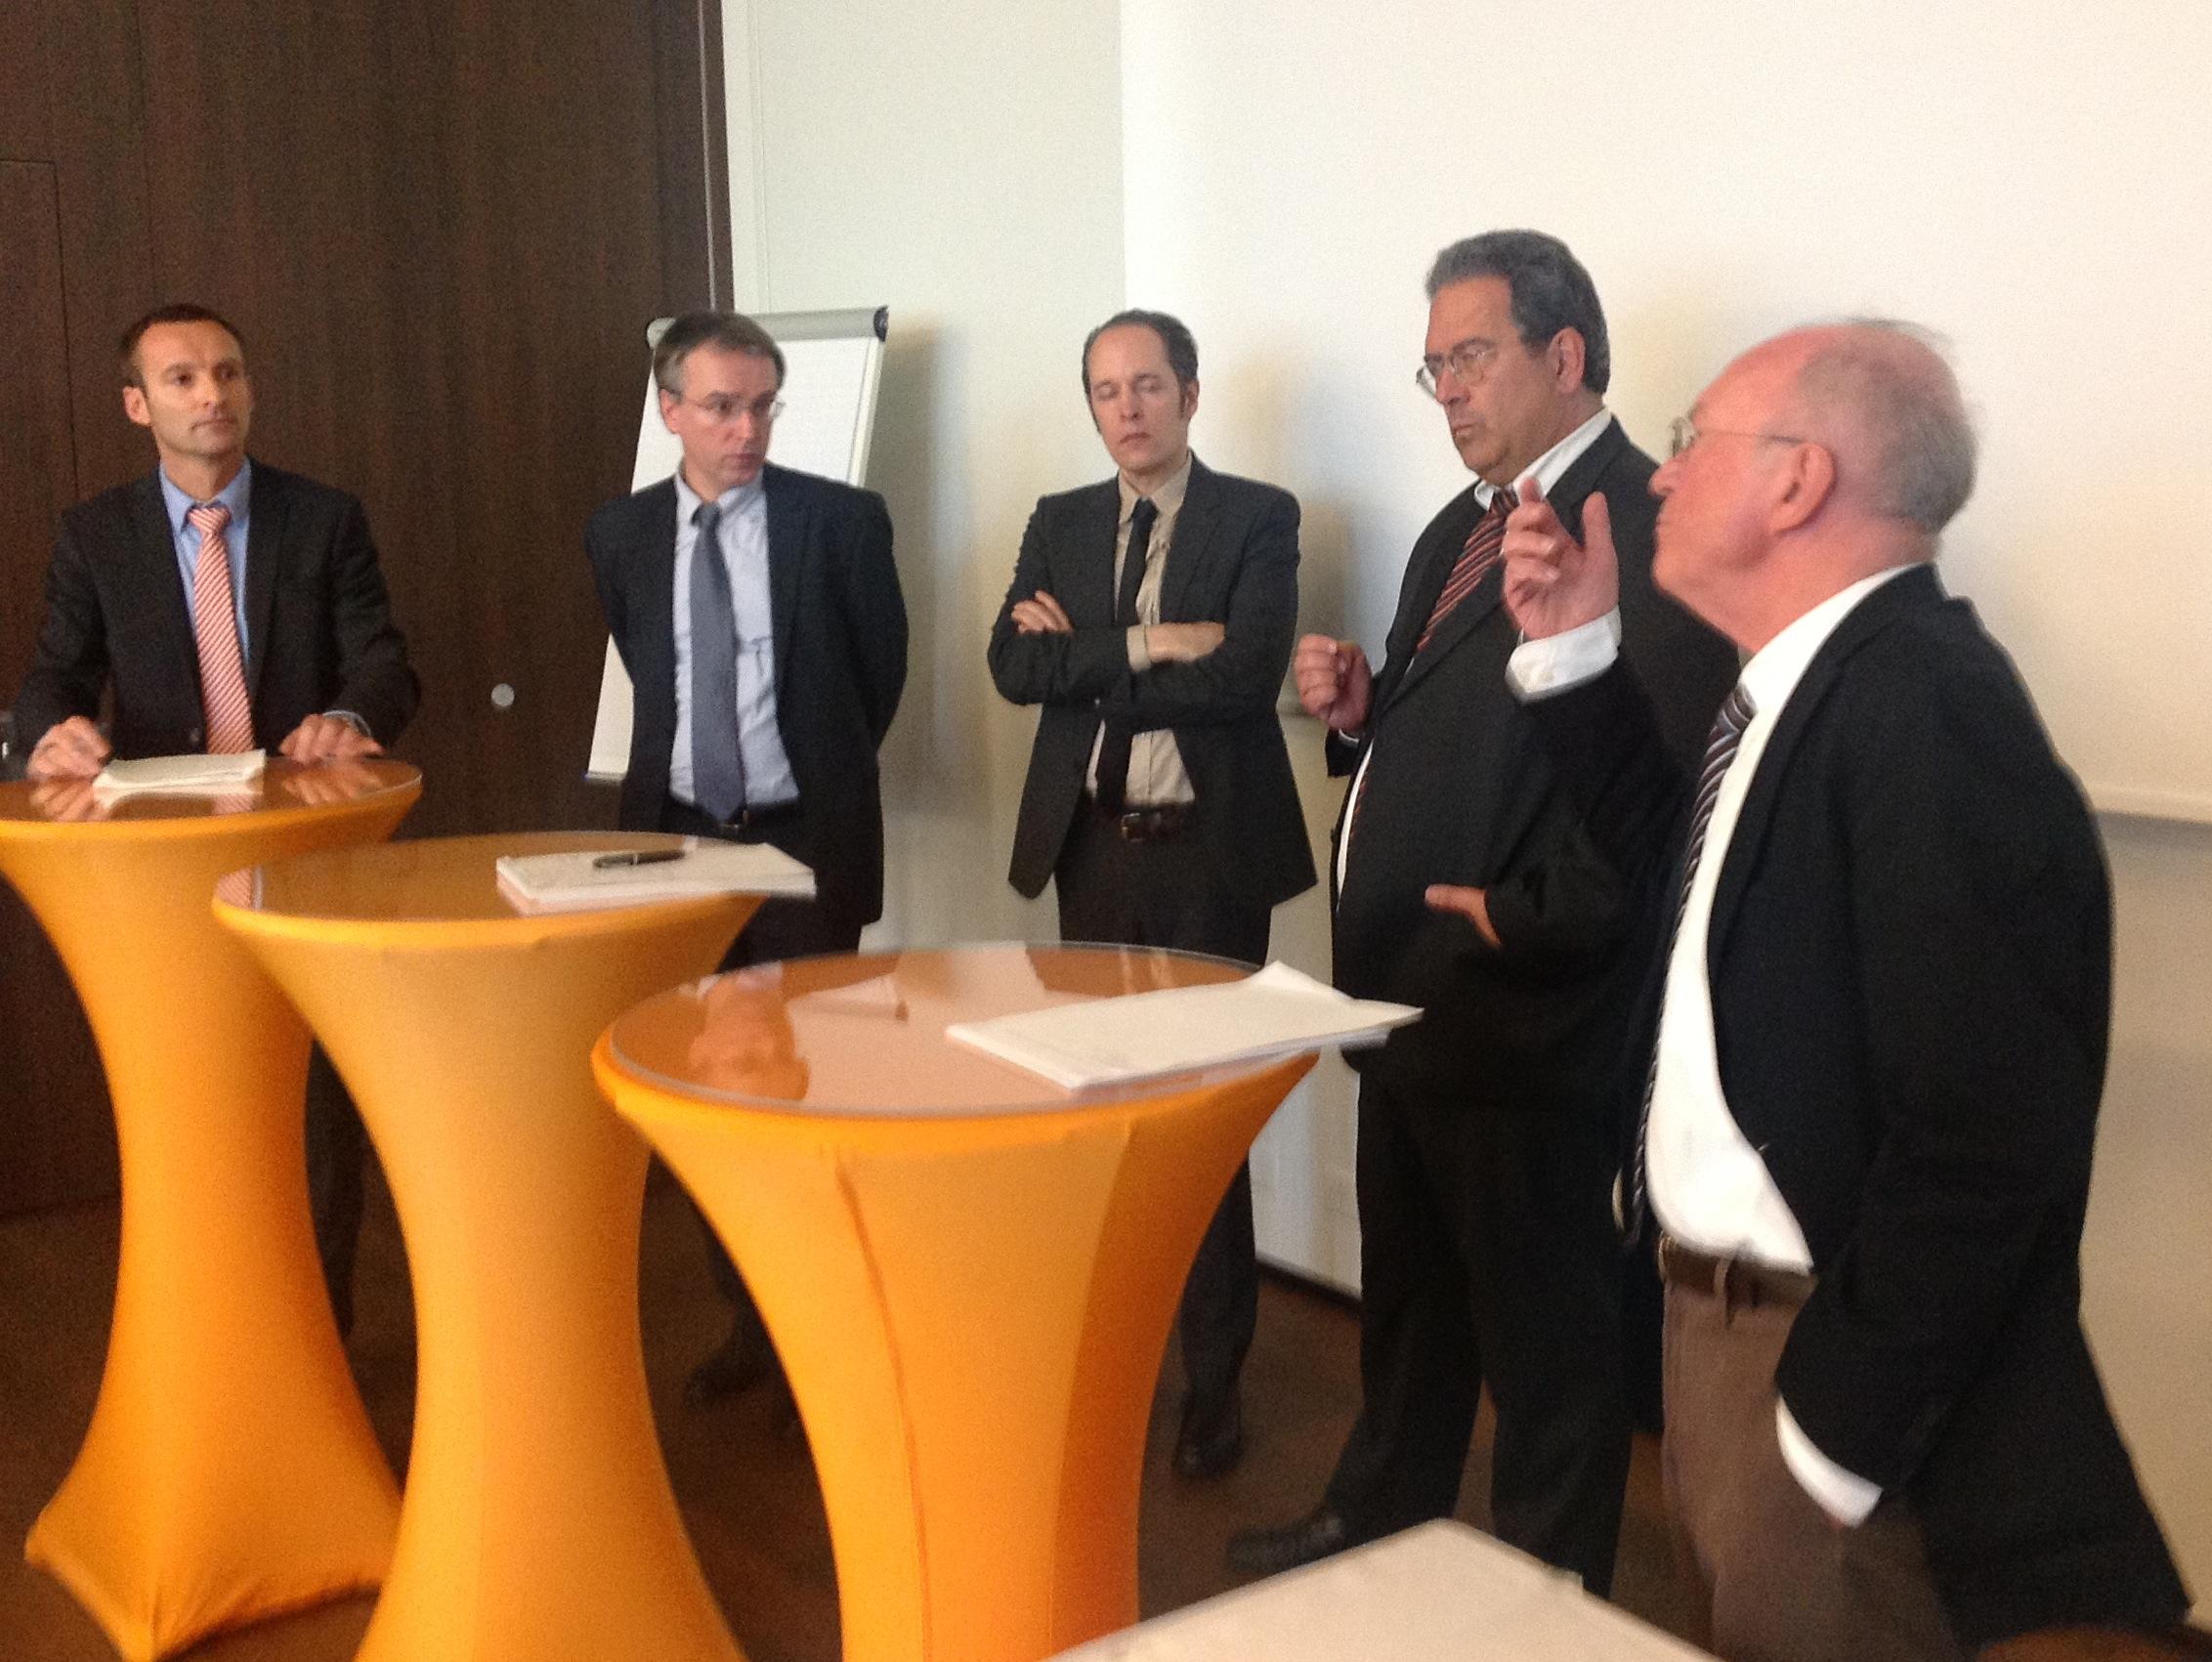 Urs Meister, Andreas Heinemann, Marc Amstutz, Peter Balastèr und Roger Zäch (von links nach rechts)